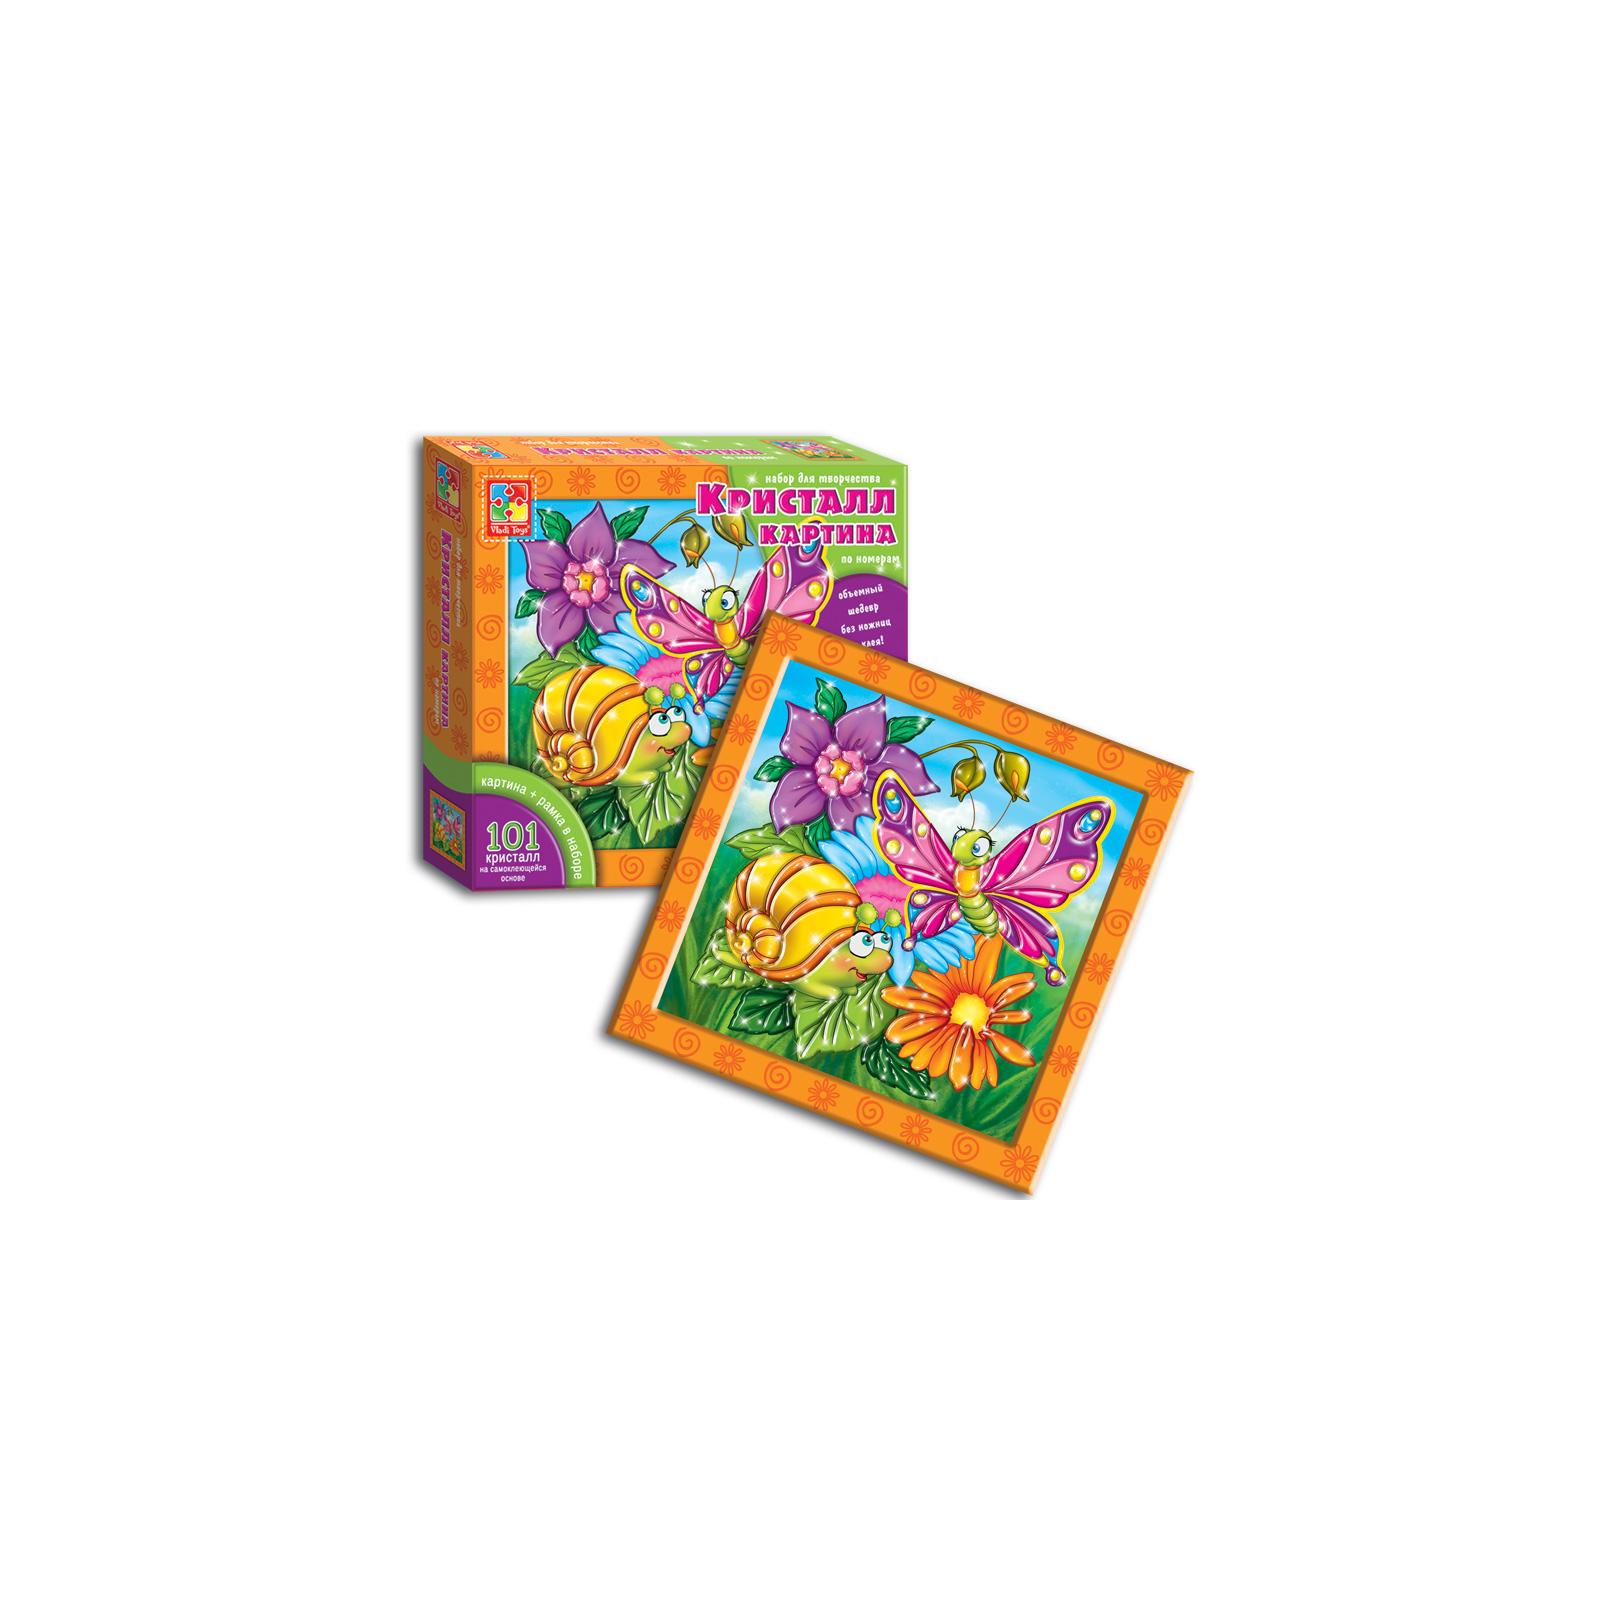 Набор для творчества Vladi Toys Кристалл картина Бабочка и улитка (VT4010-03) изображение 3